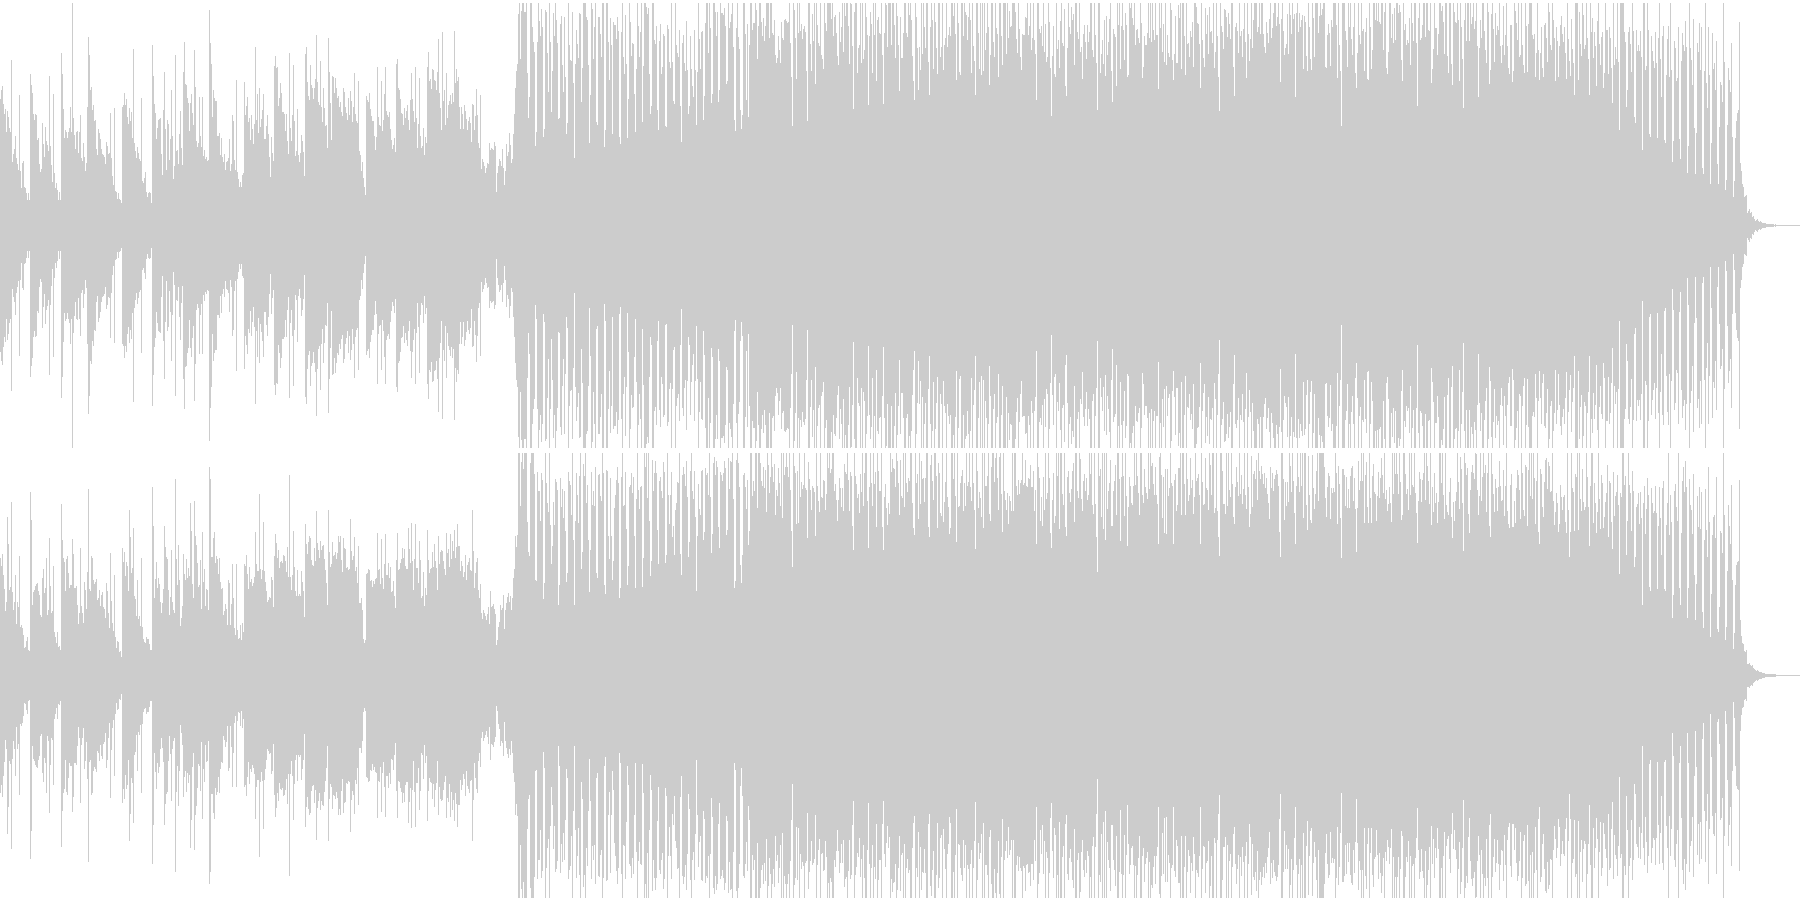 ハウス ダンス プログレッシブ ロ...の未再生の波形